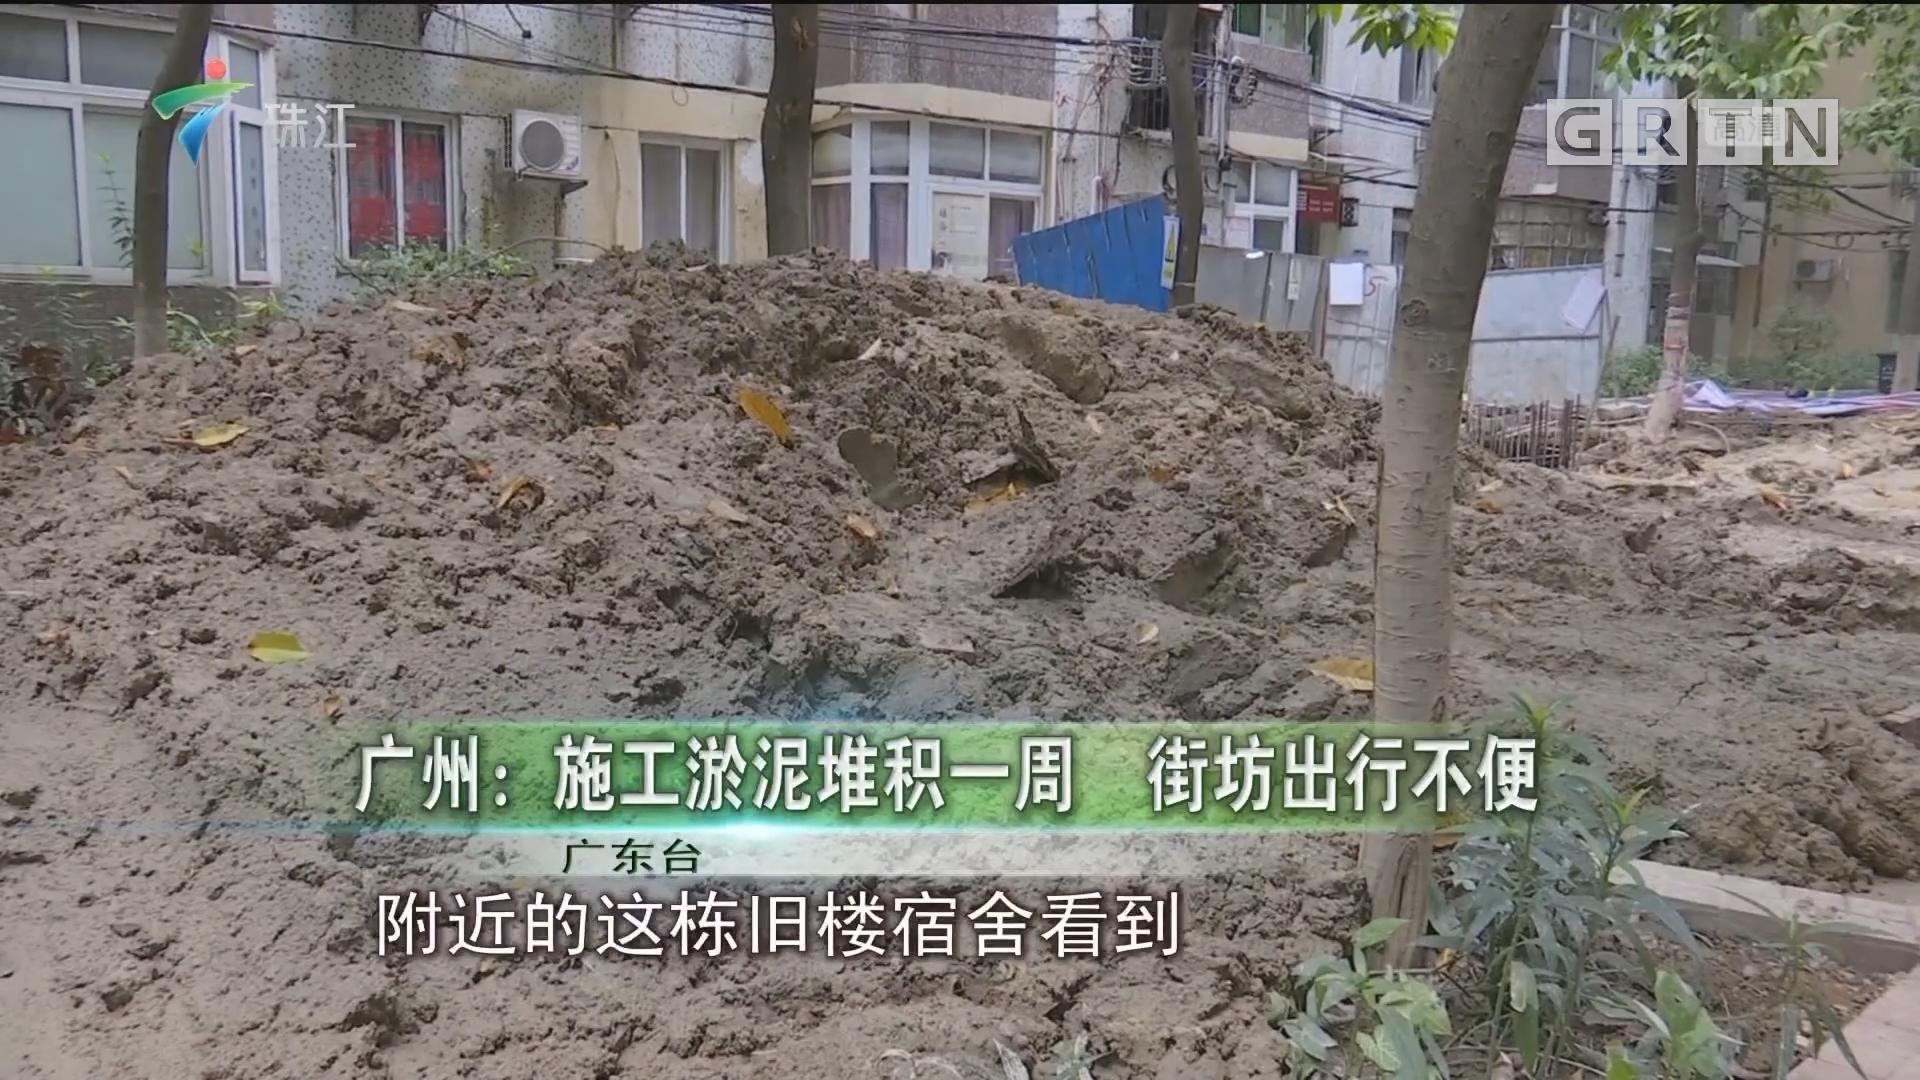 广州:施工淤泥堆积一周 街坊出行不便